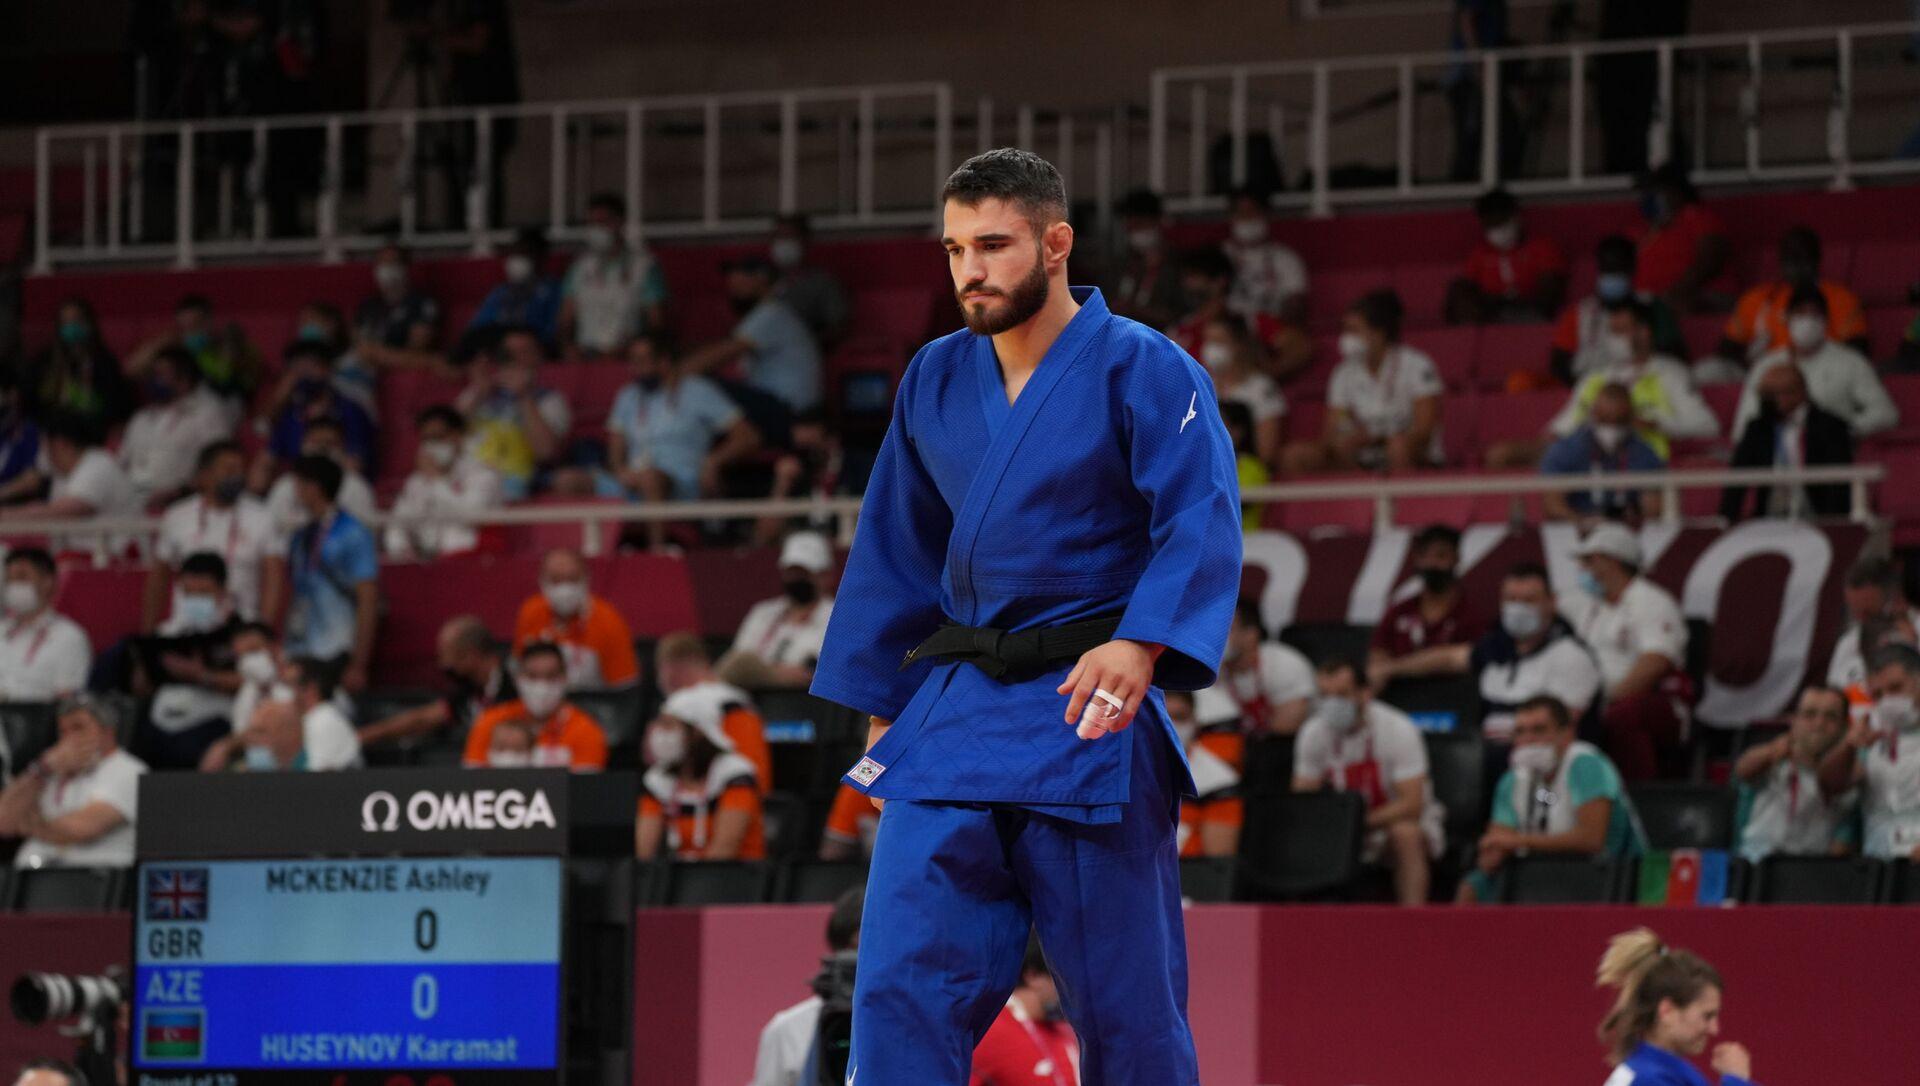 Азербайджанский дзюдоист Карамат Гусейнов на Олимпийских играх 2020 в Токио - Sputnik Азербайджан, 1920, 24.07.2021